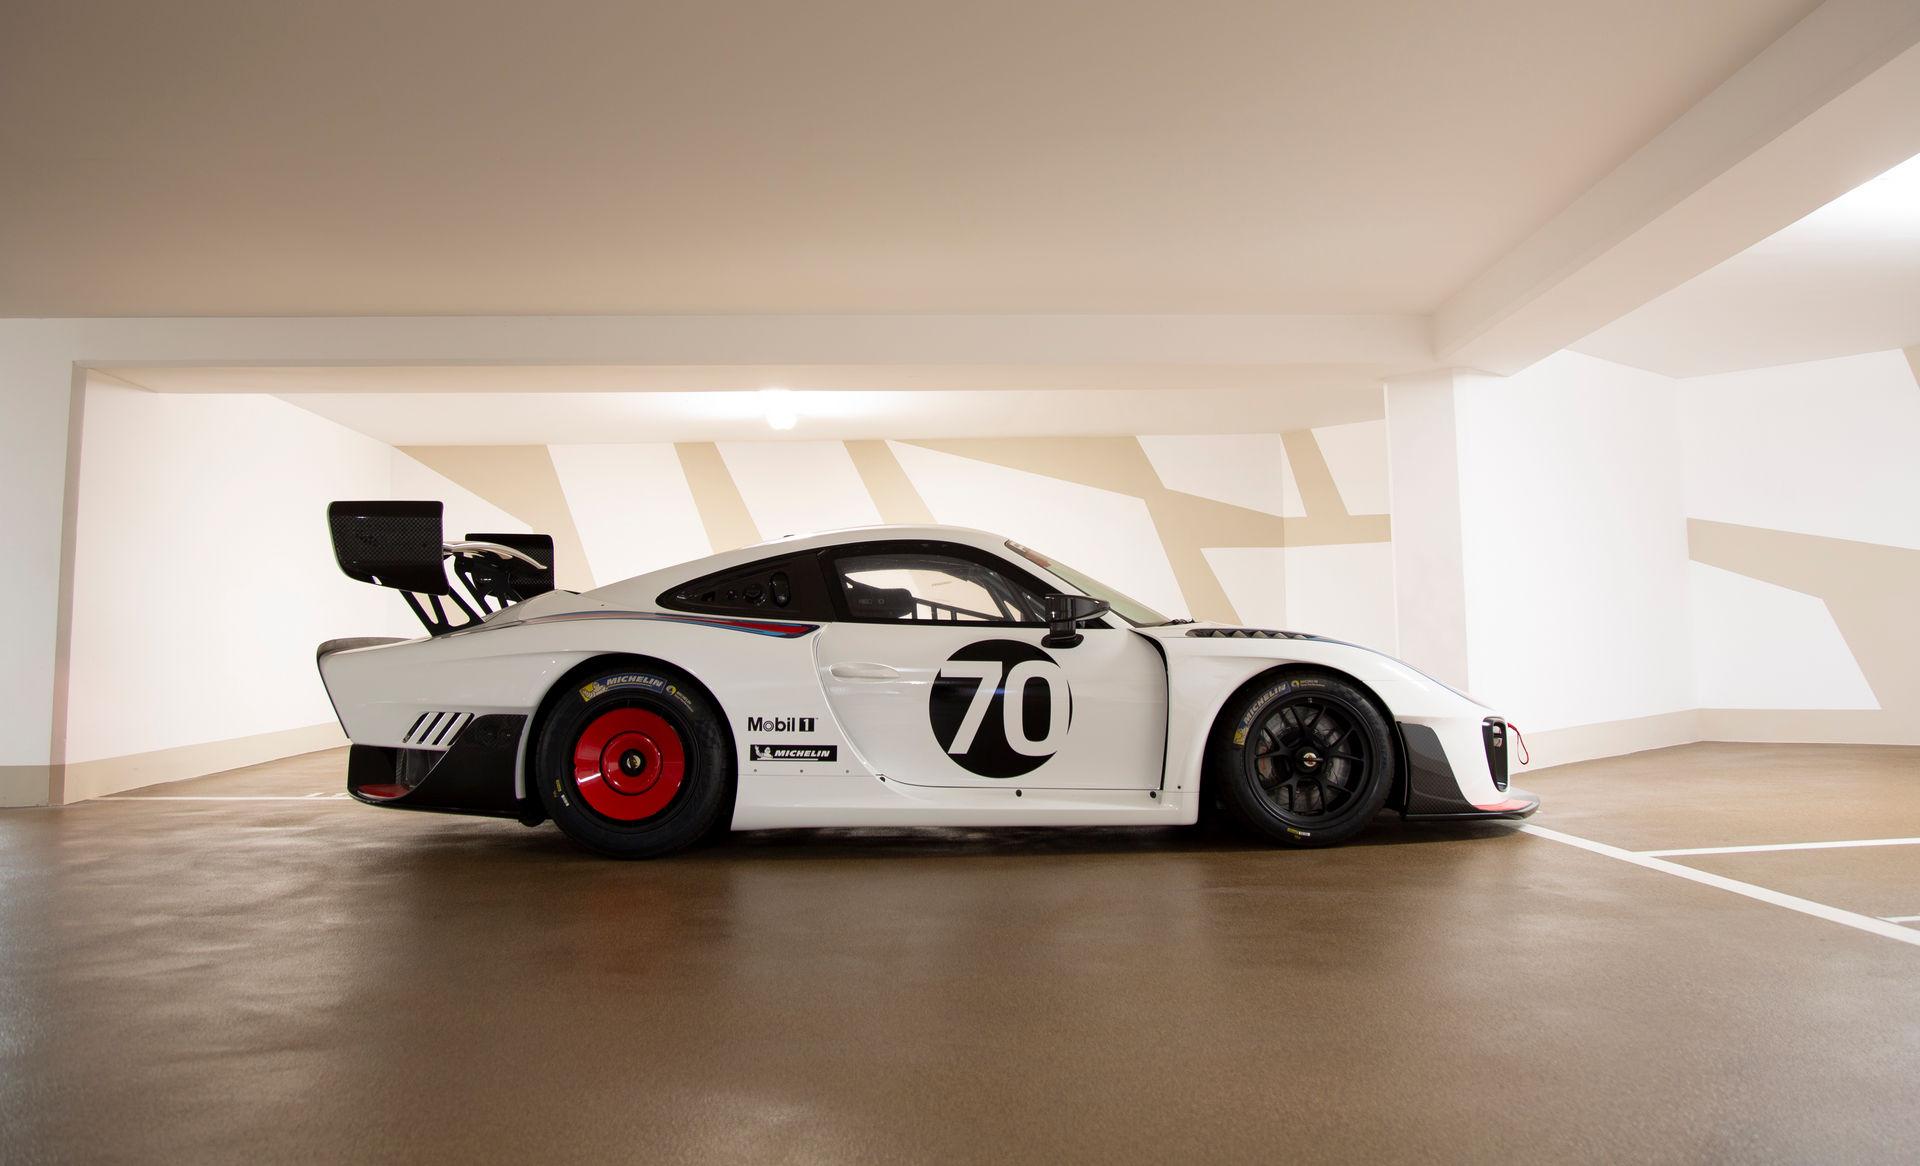 2020_Porsche_935_Martini_Livery_sale_0003